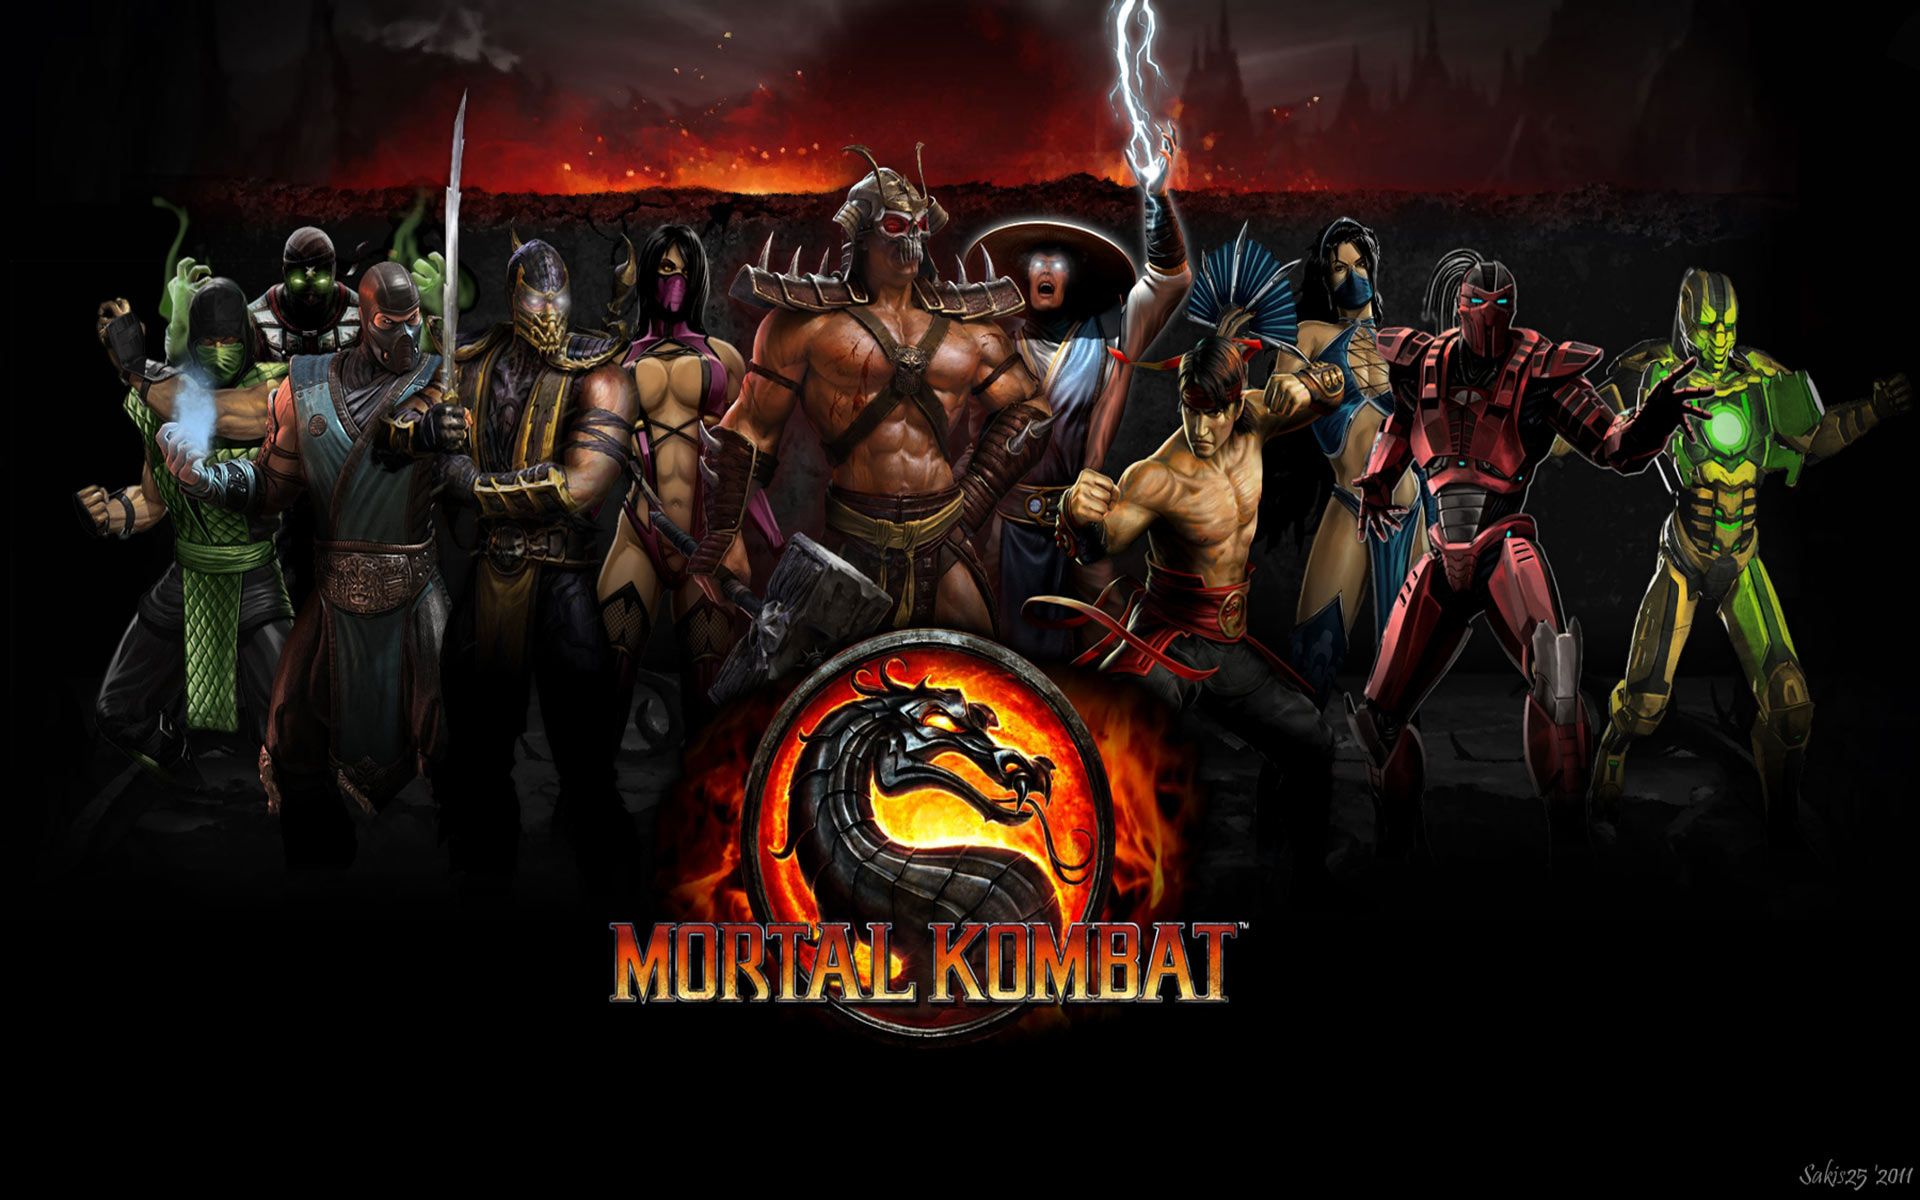 Mortal Kombat Characters Wallpapers - Top Free Mortal Kombat